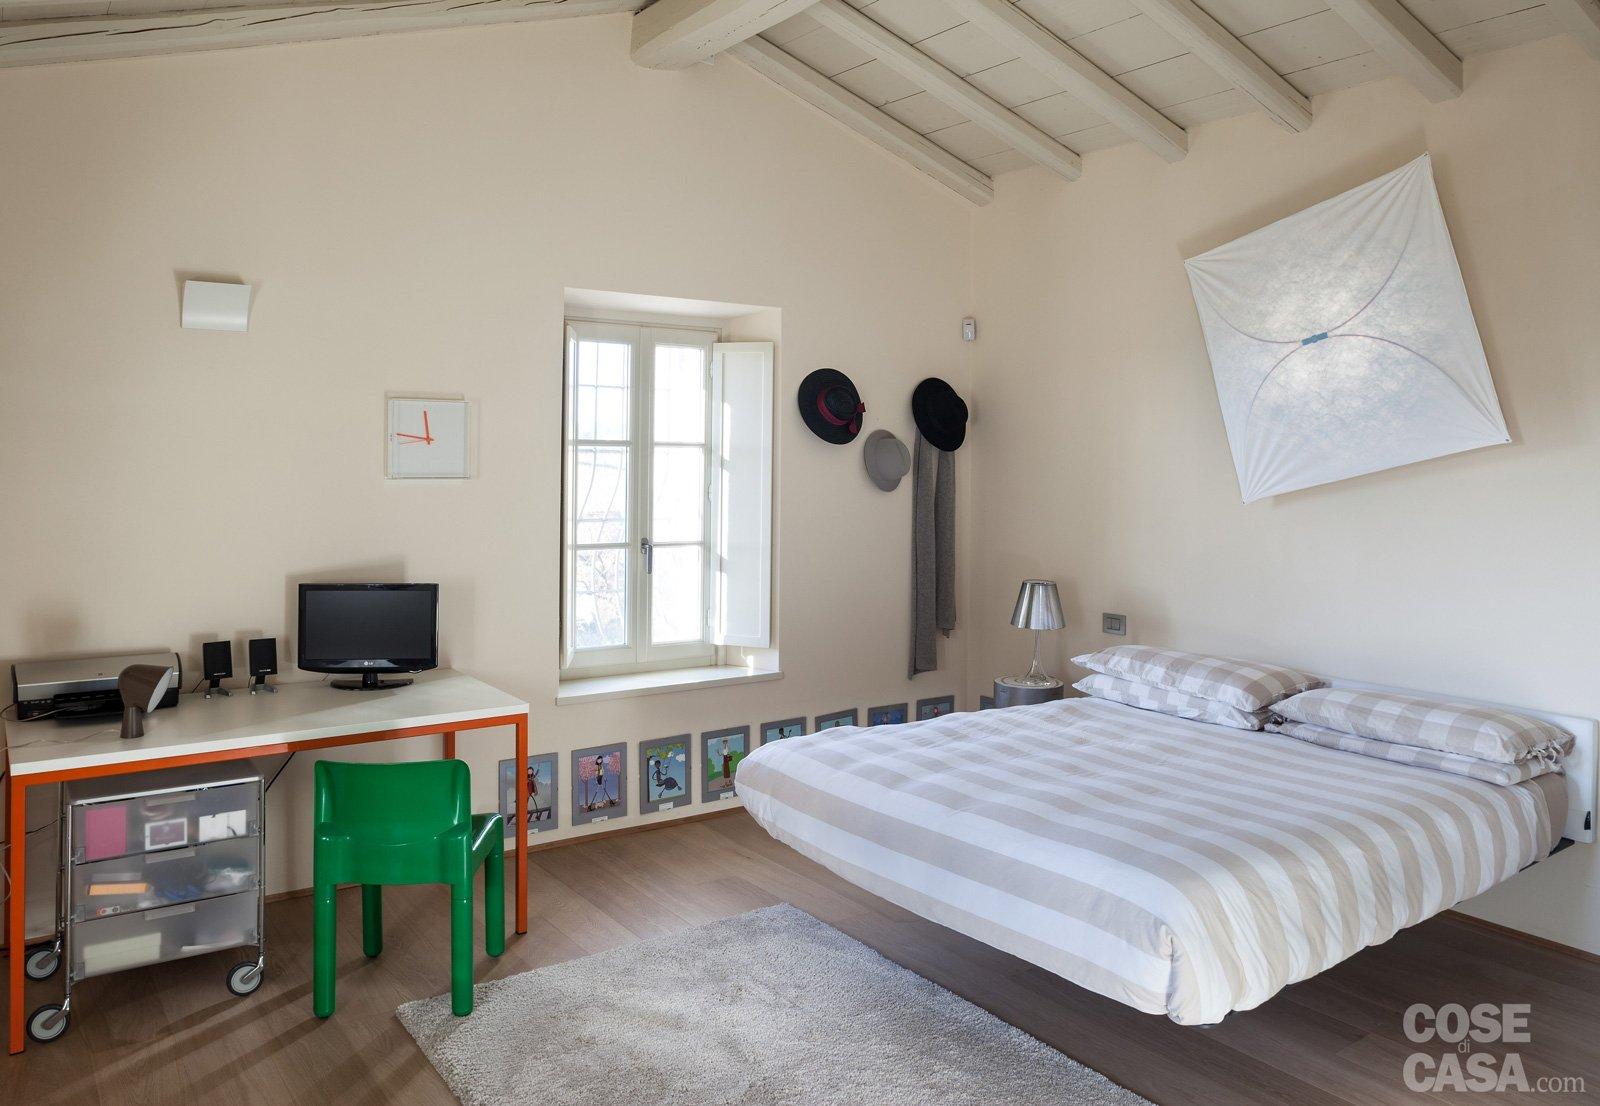 Una casa con ambienti moderni a sfondo rustico cose di casa for Arredamento rustico moderno camera da letto